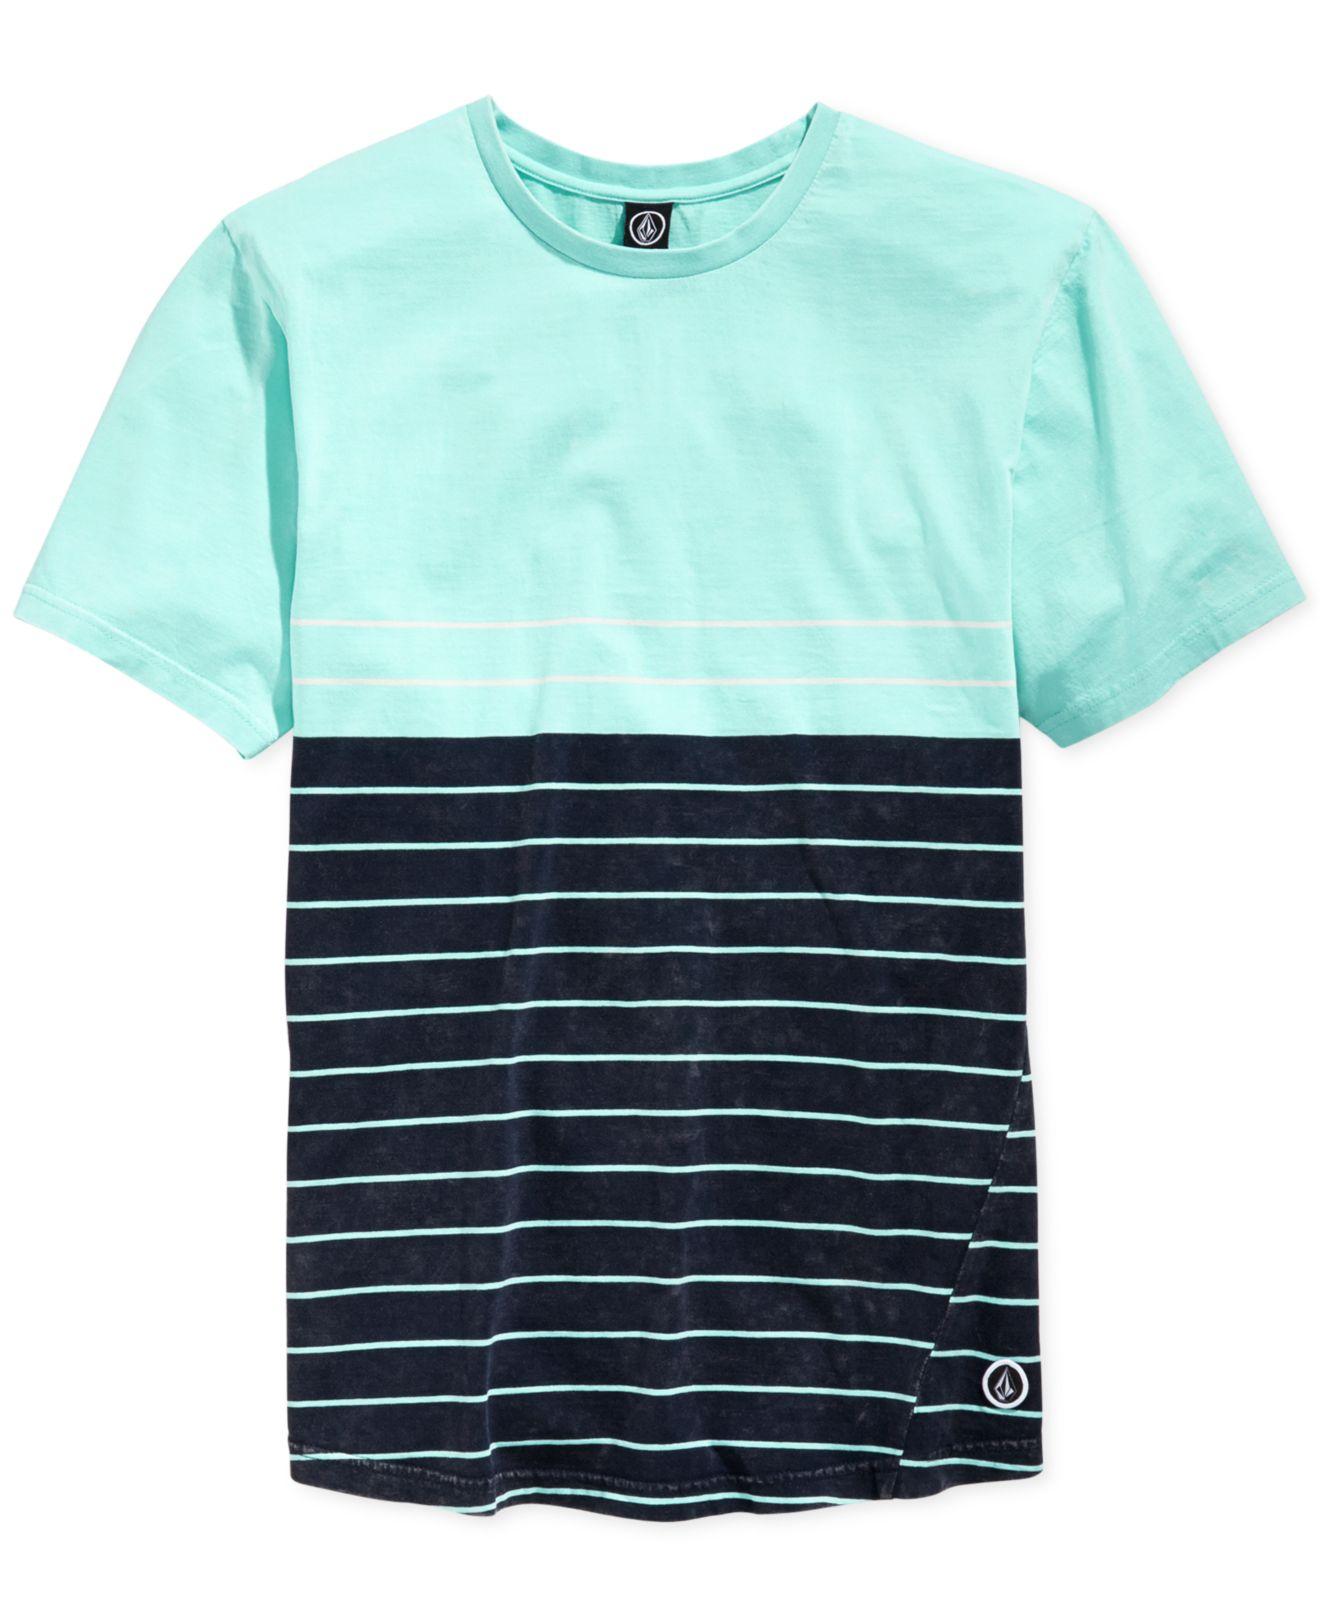 ebb8e6cf Volcom Ogden Striped T-shirt in Green for Men - Lyst